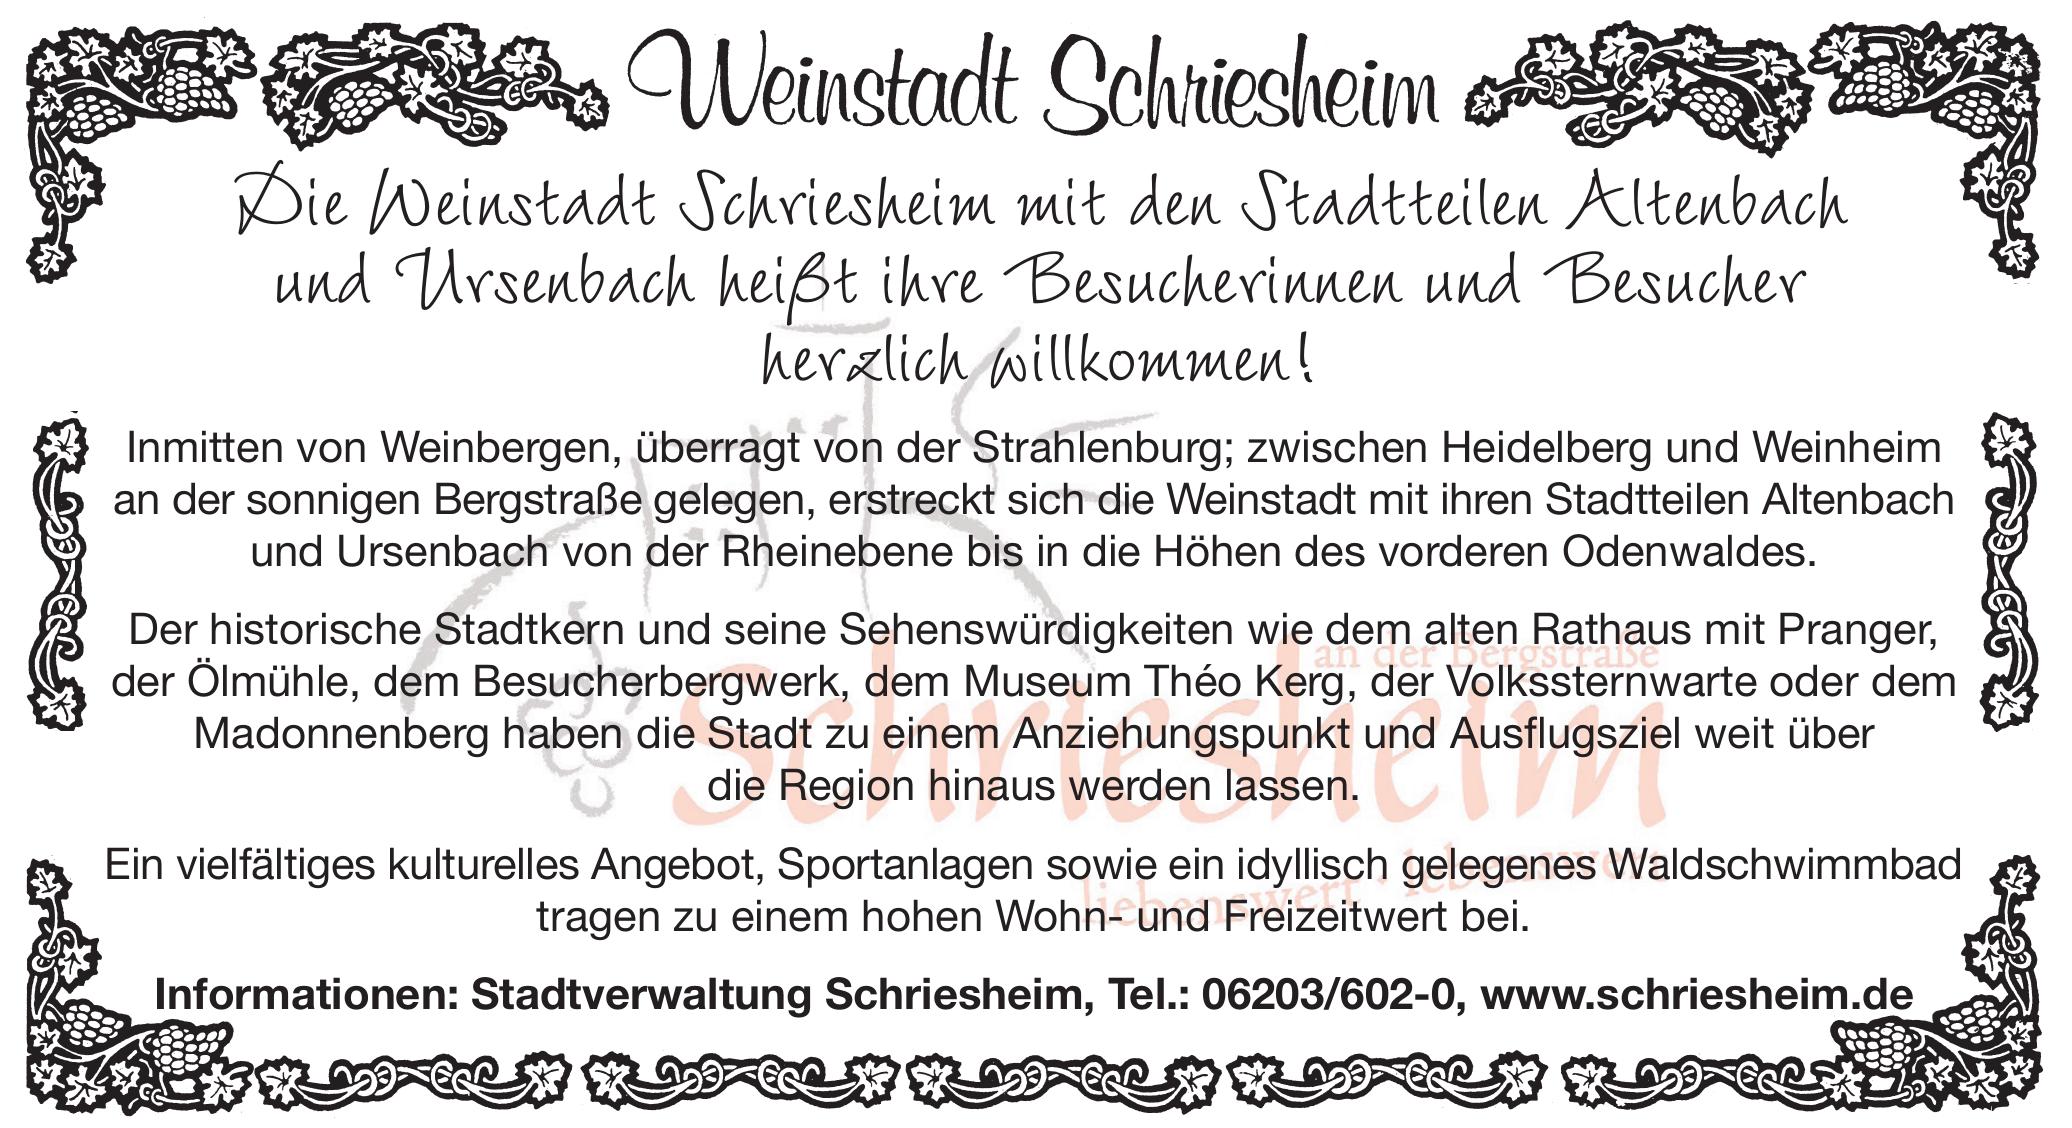 Weinstadt Schriesheim